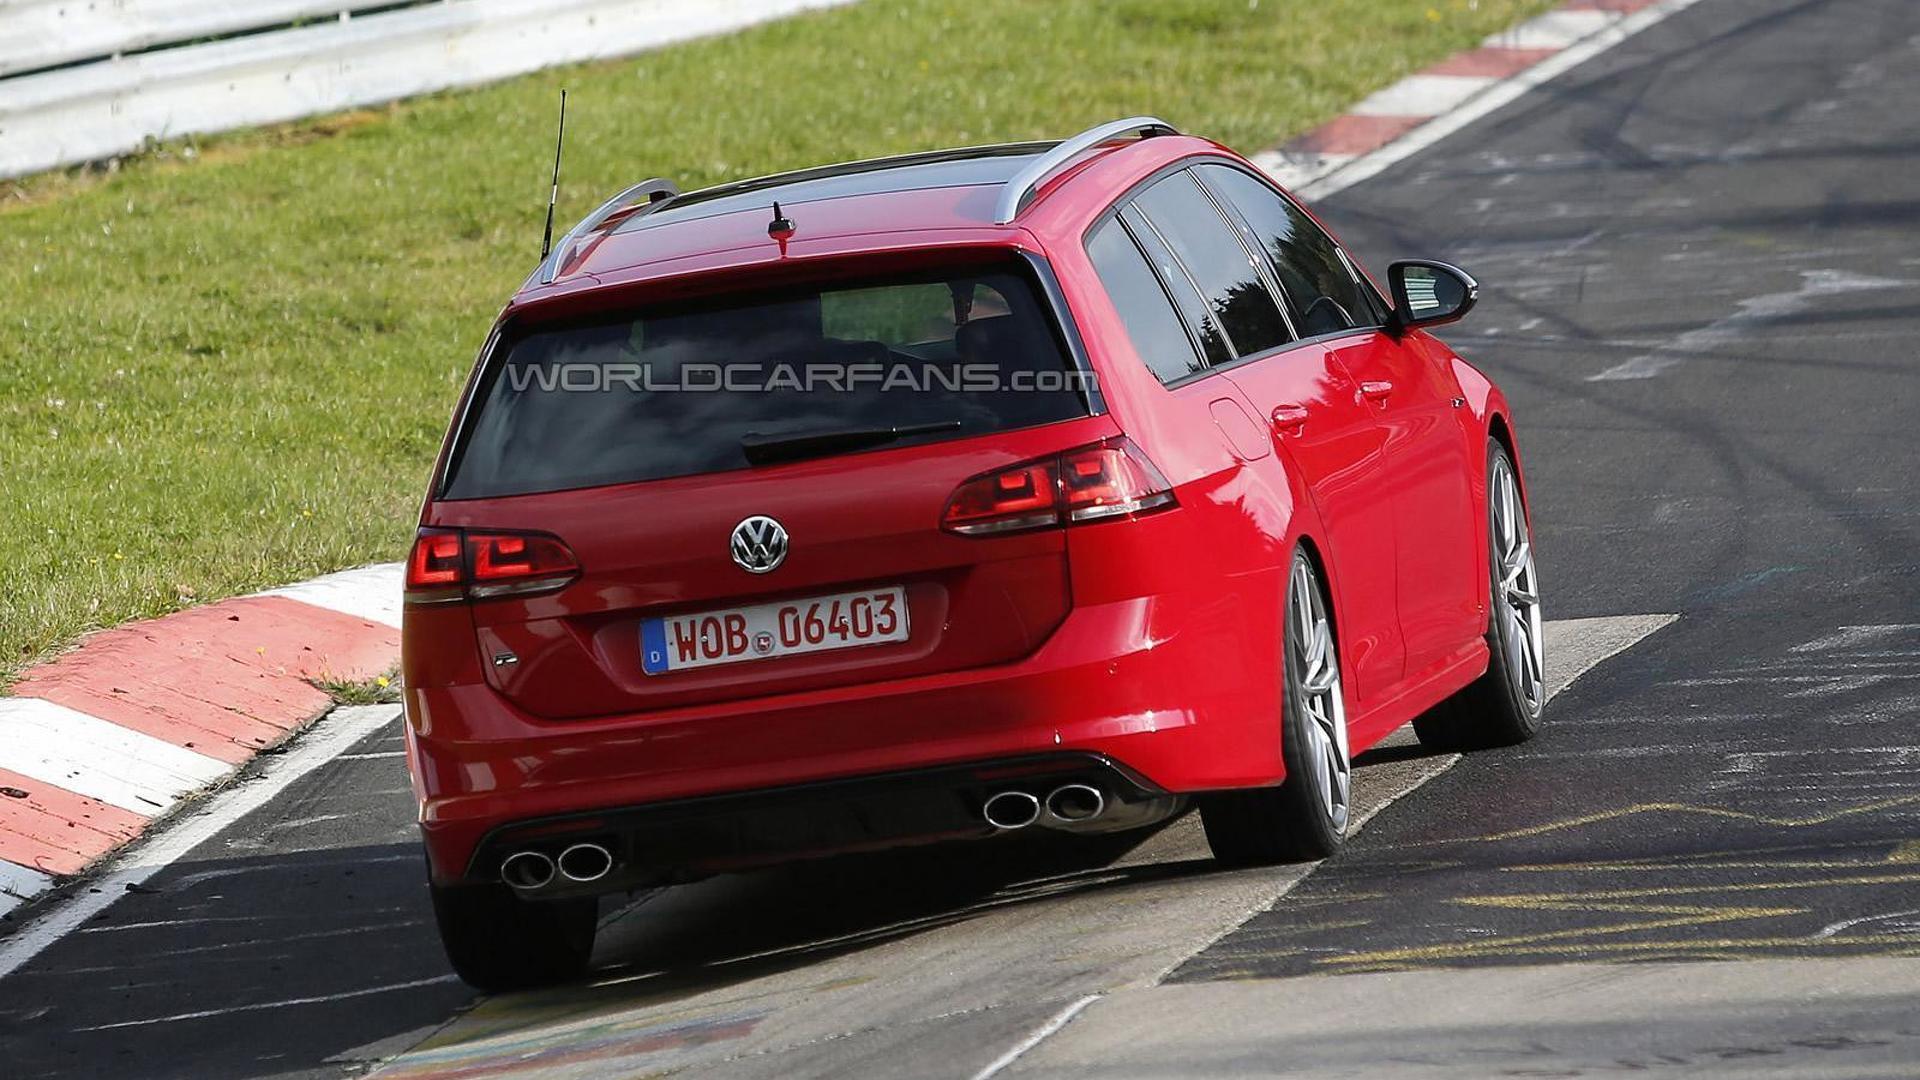 Универсал Volkswagen Golf R Variant на испытаниях